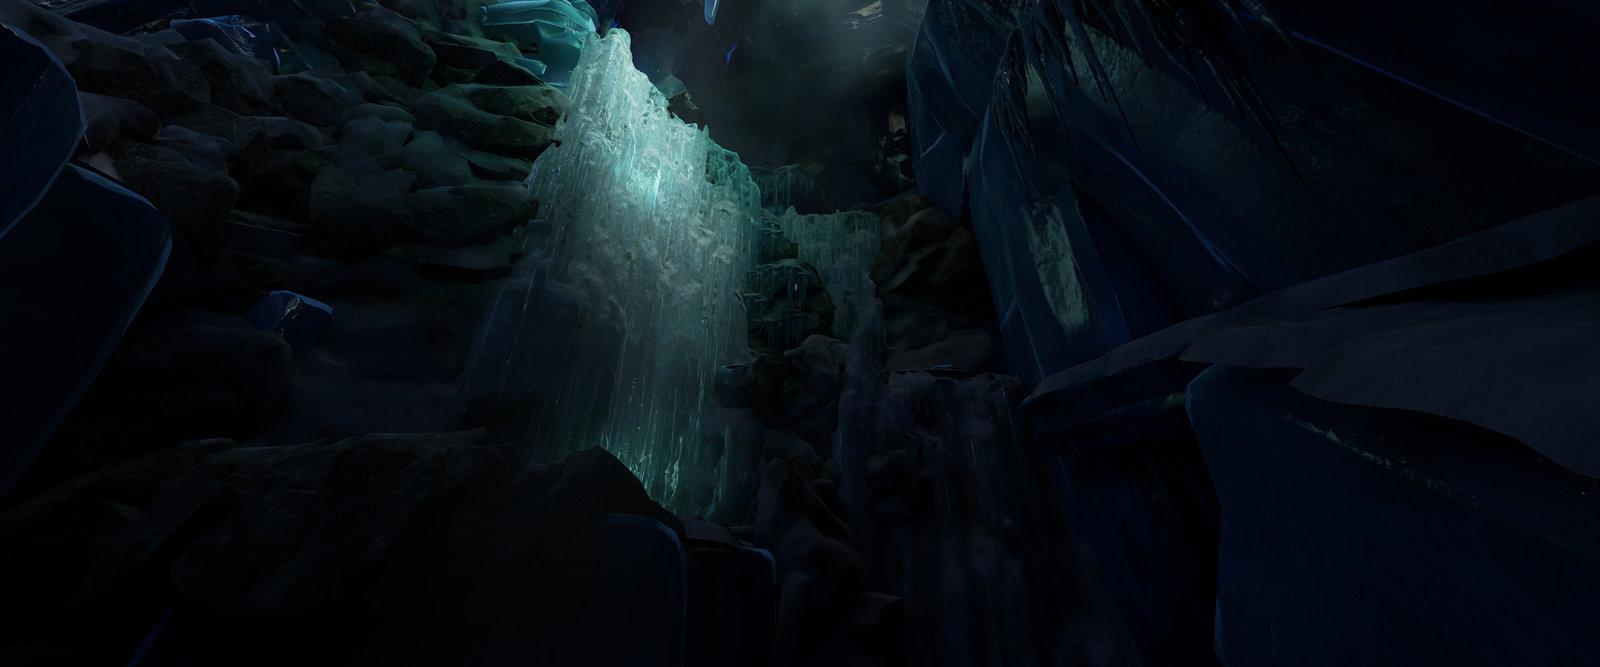 Level art, Light artist, Modelling rocks and Frozen fall